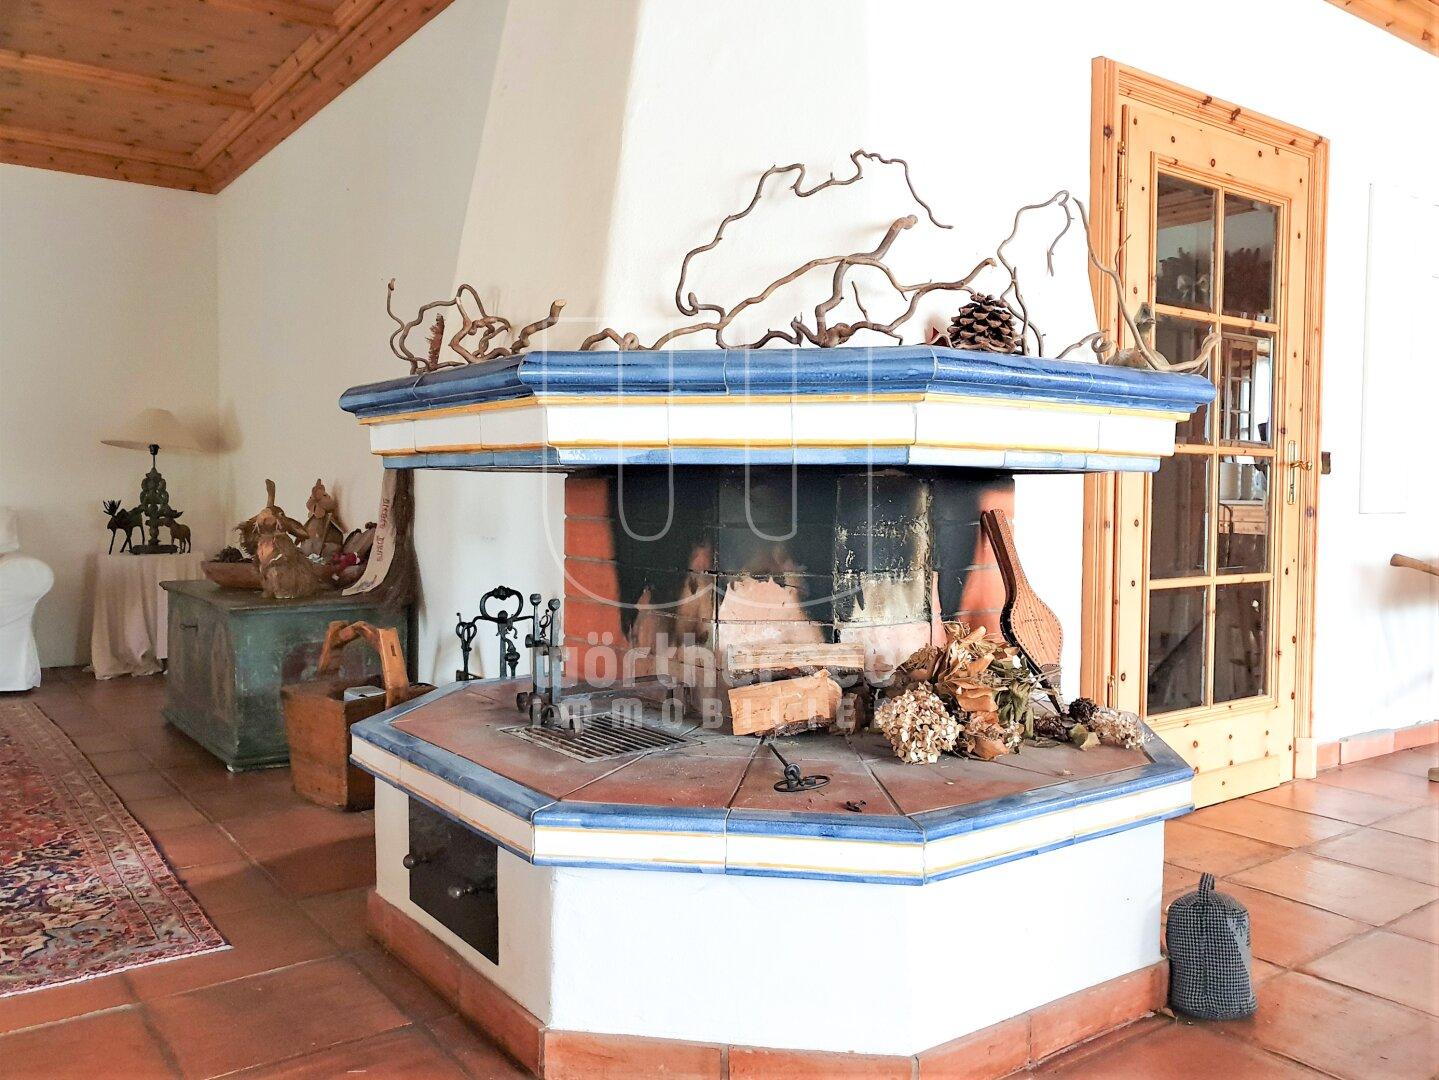 Feuerstelle im Wohnzimmer